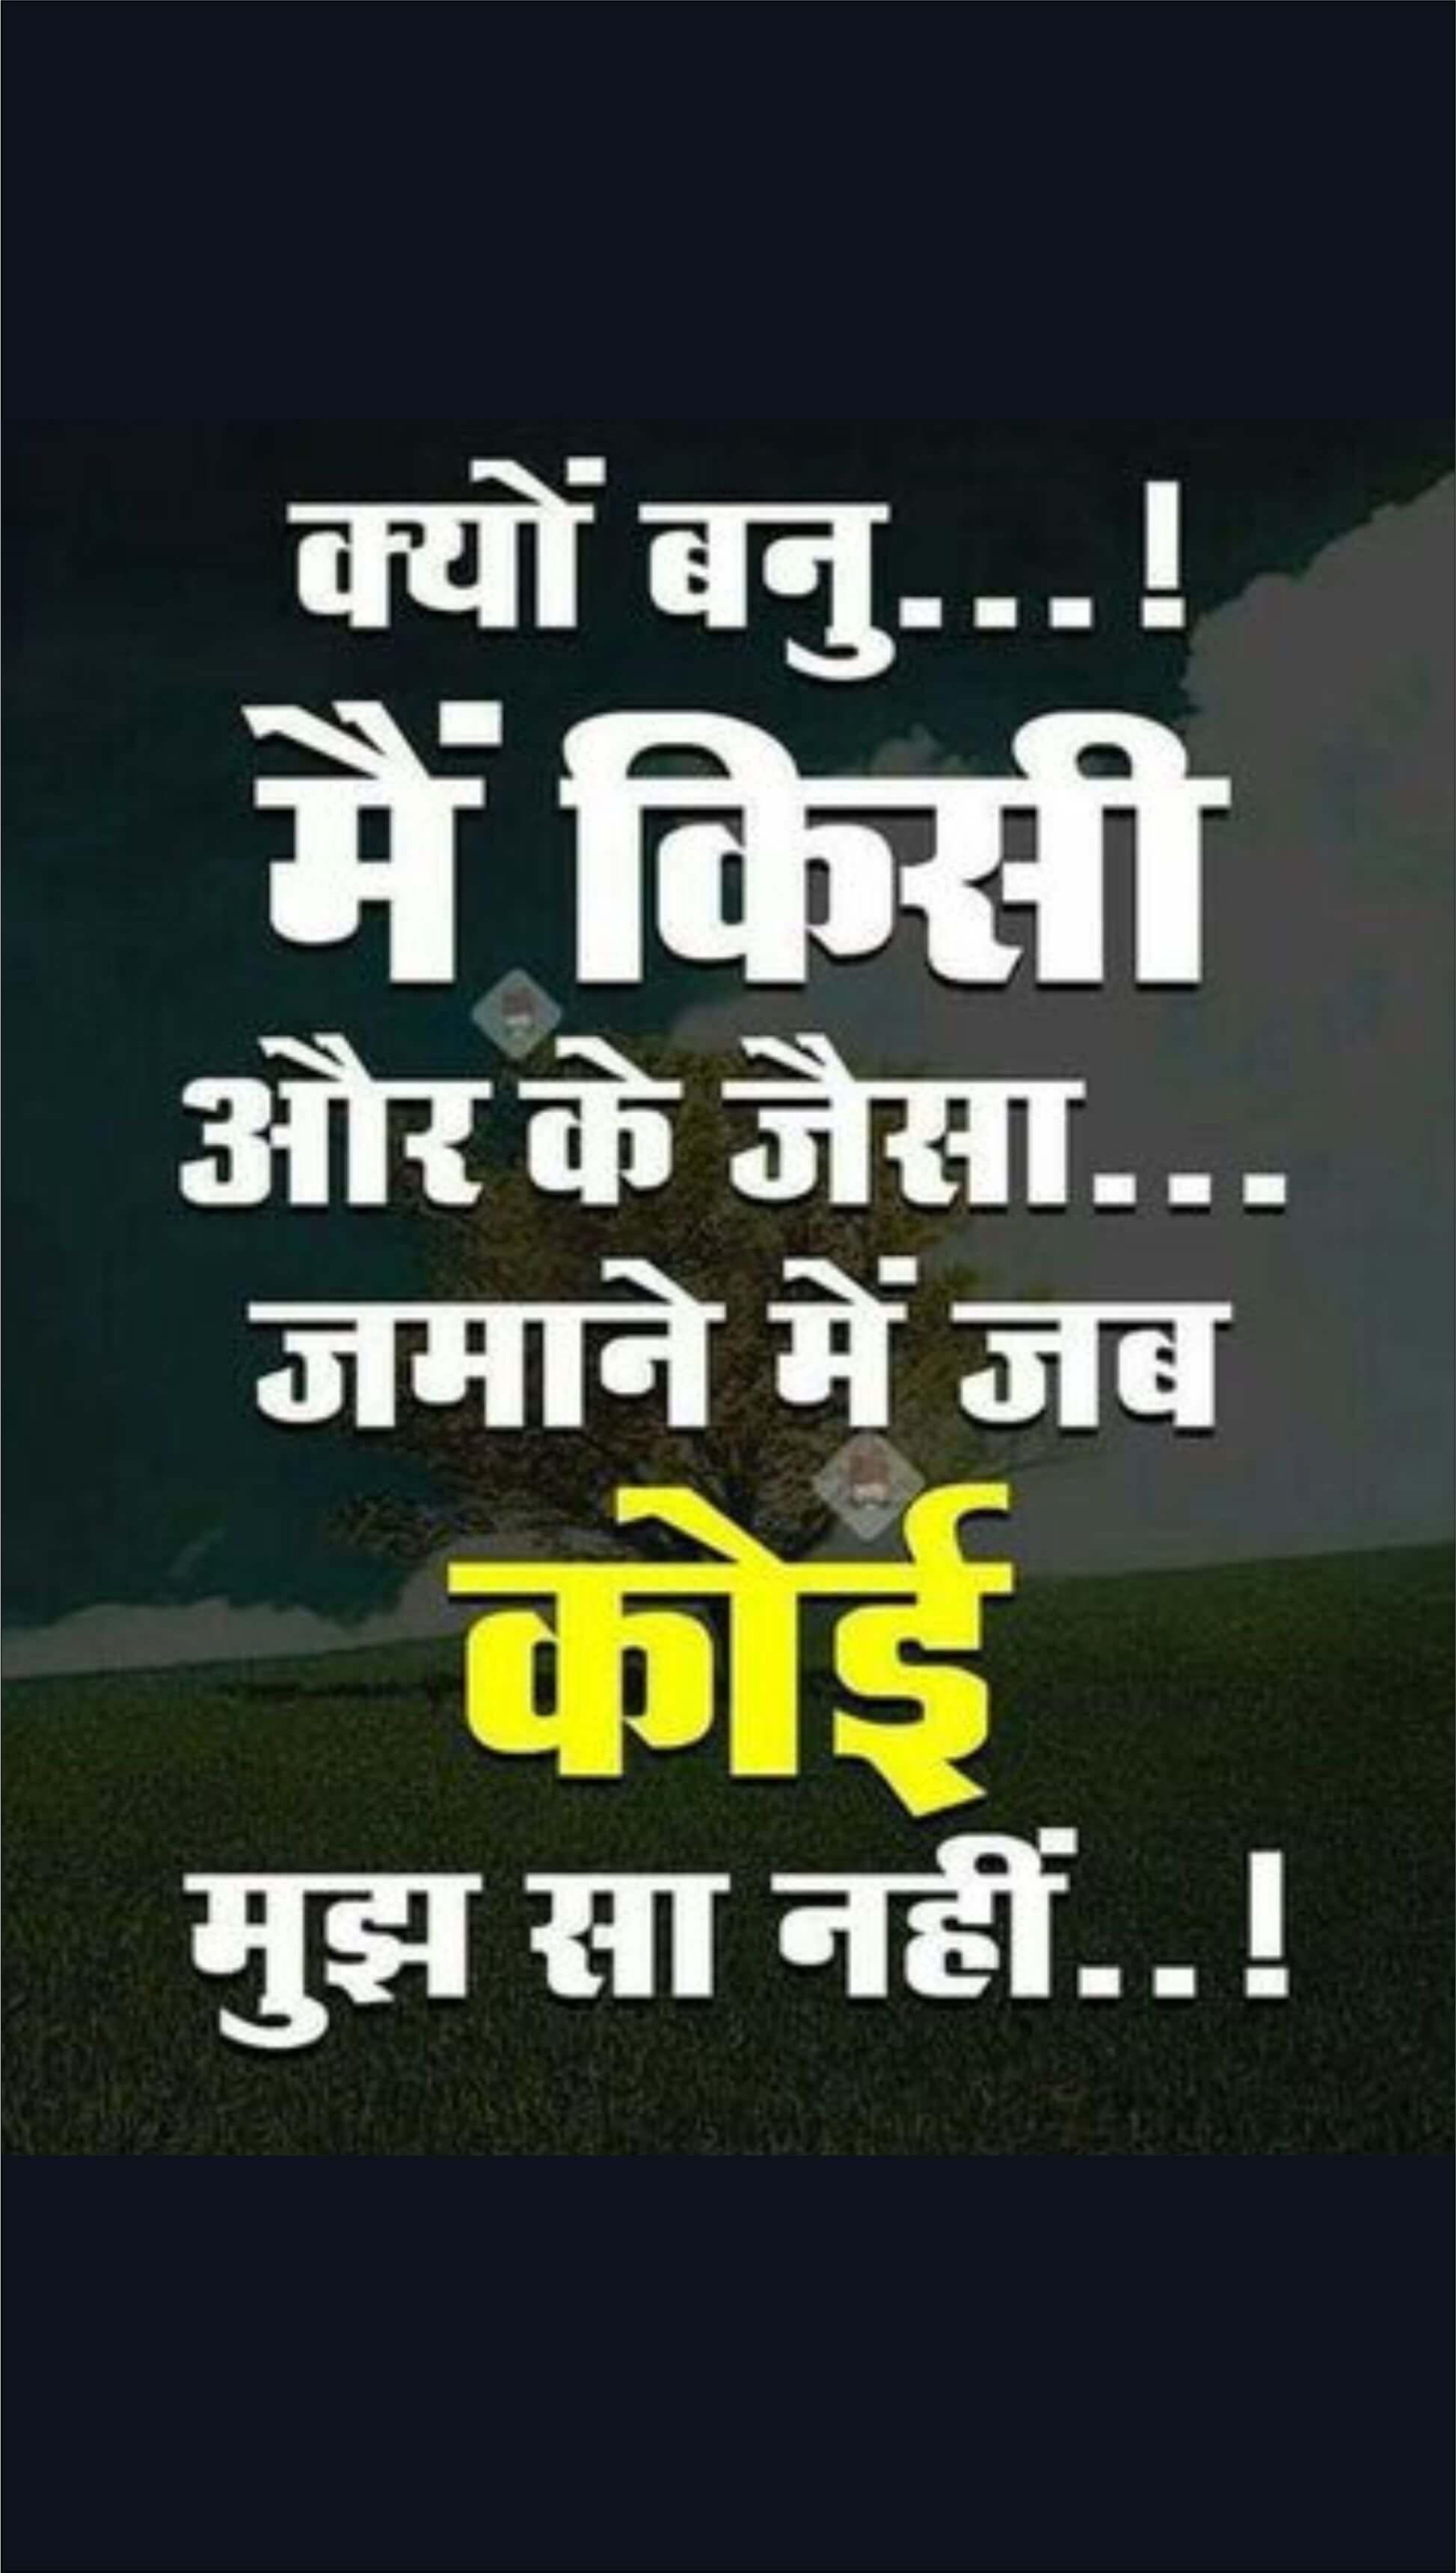 hindi shayari, hindi quotes, hindi life, motivaiton ...